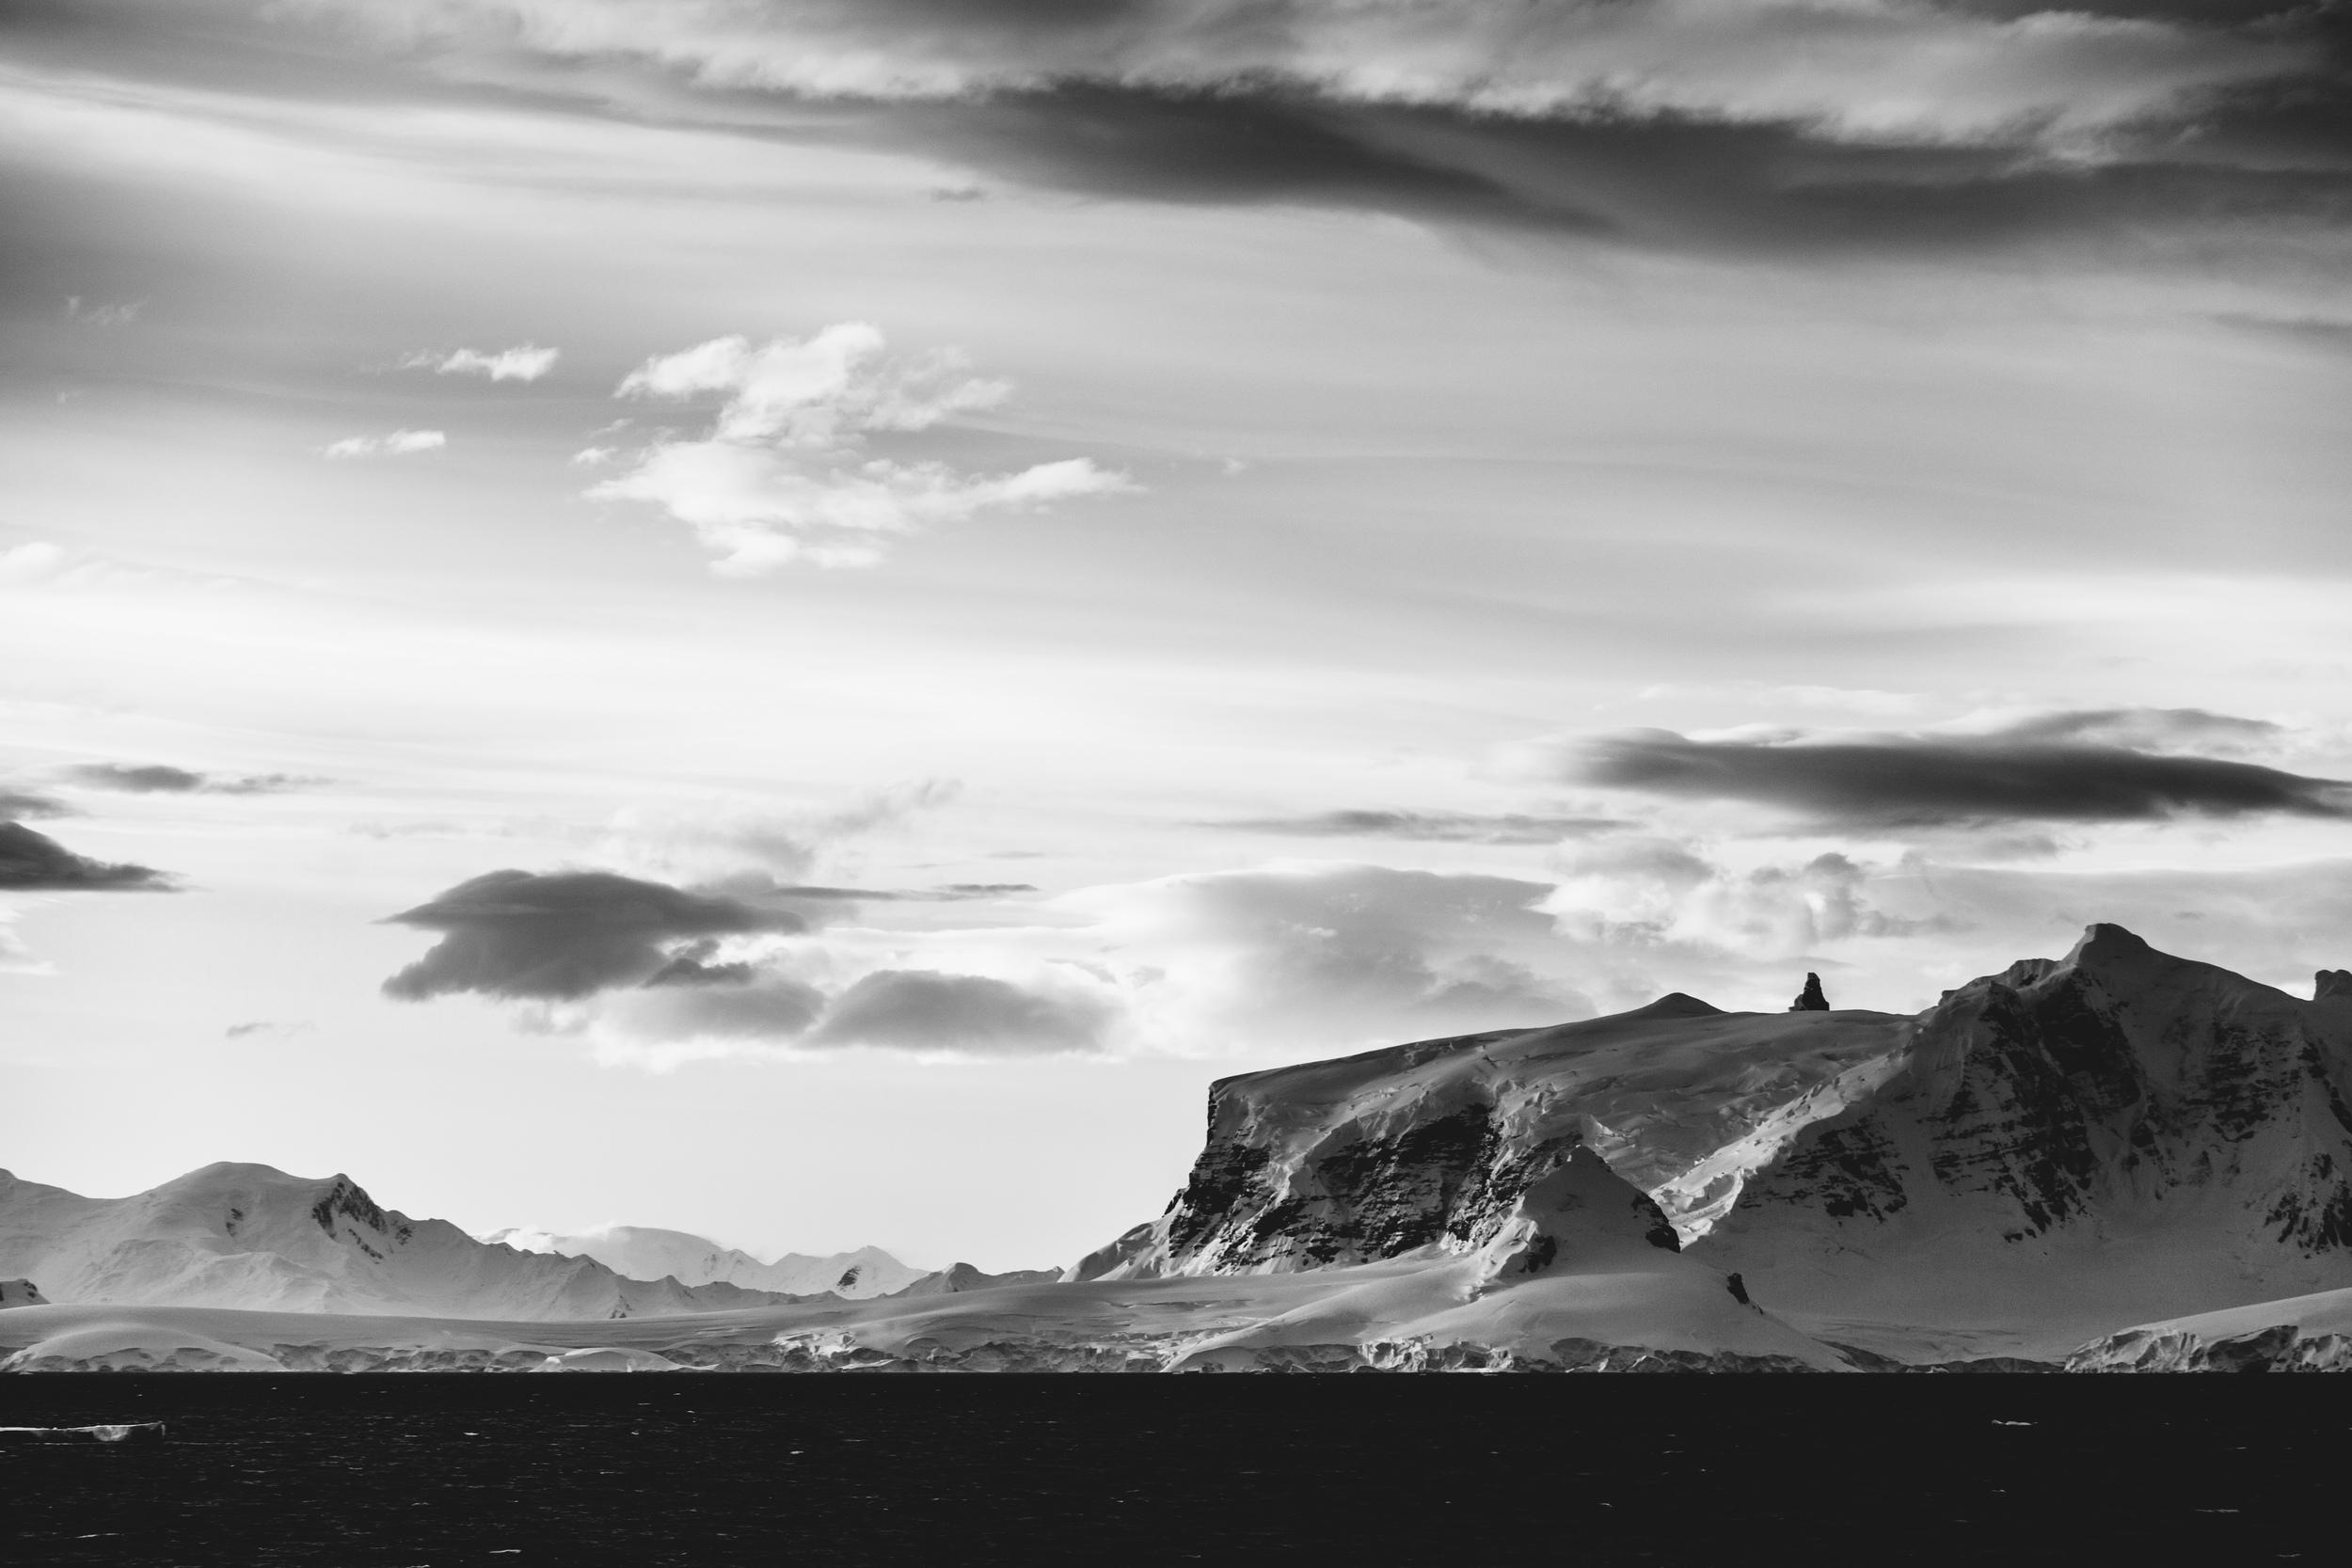 aqm-antartctica-noir-10.jpg